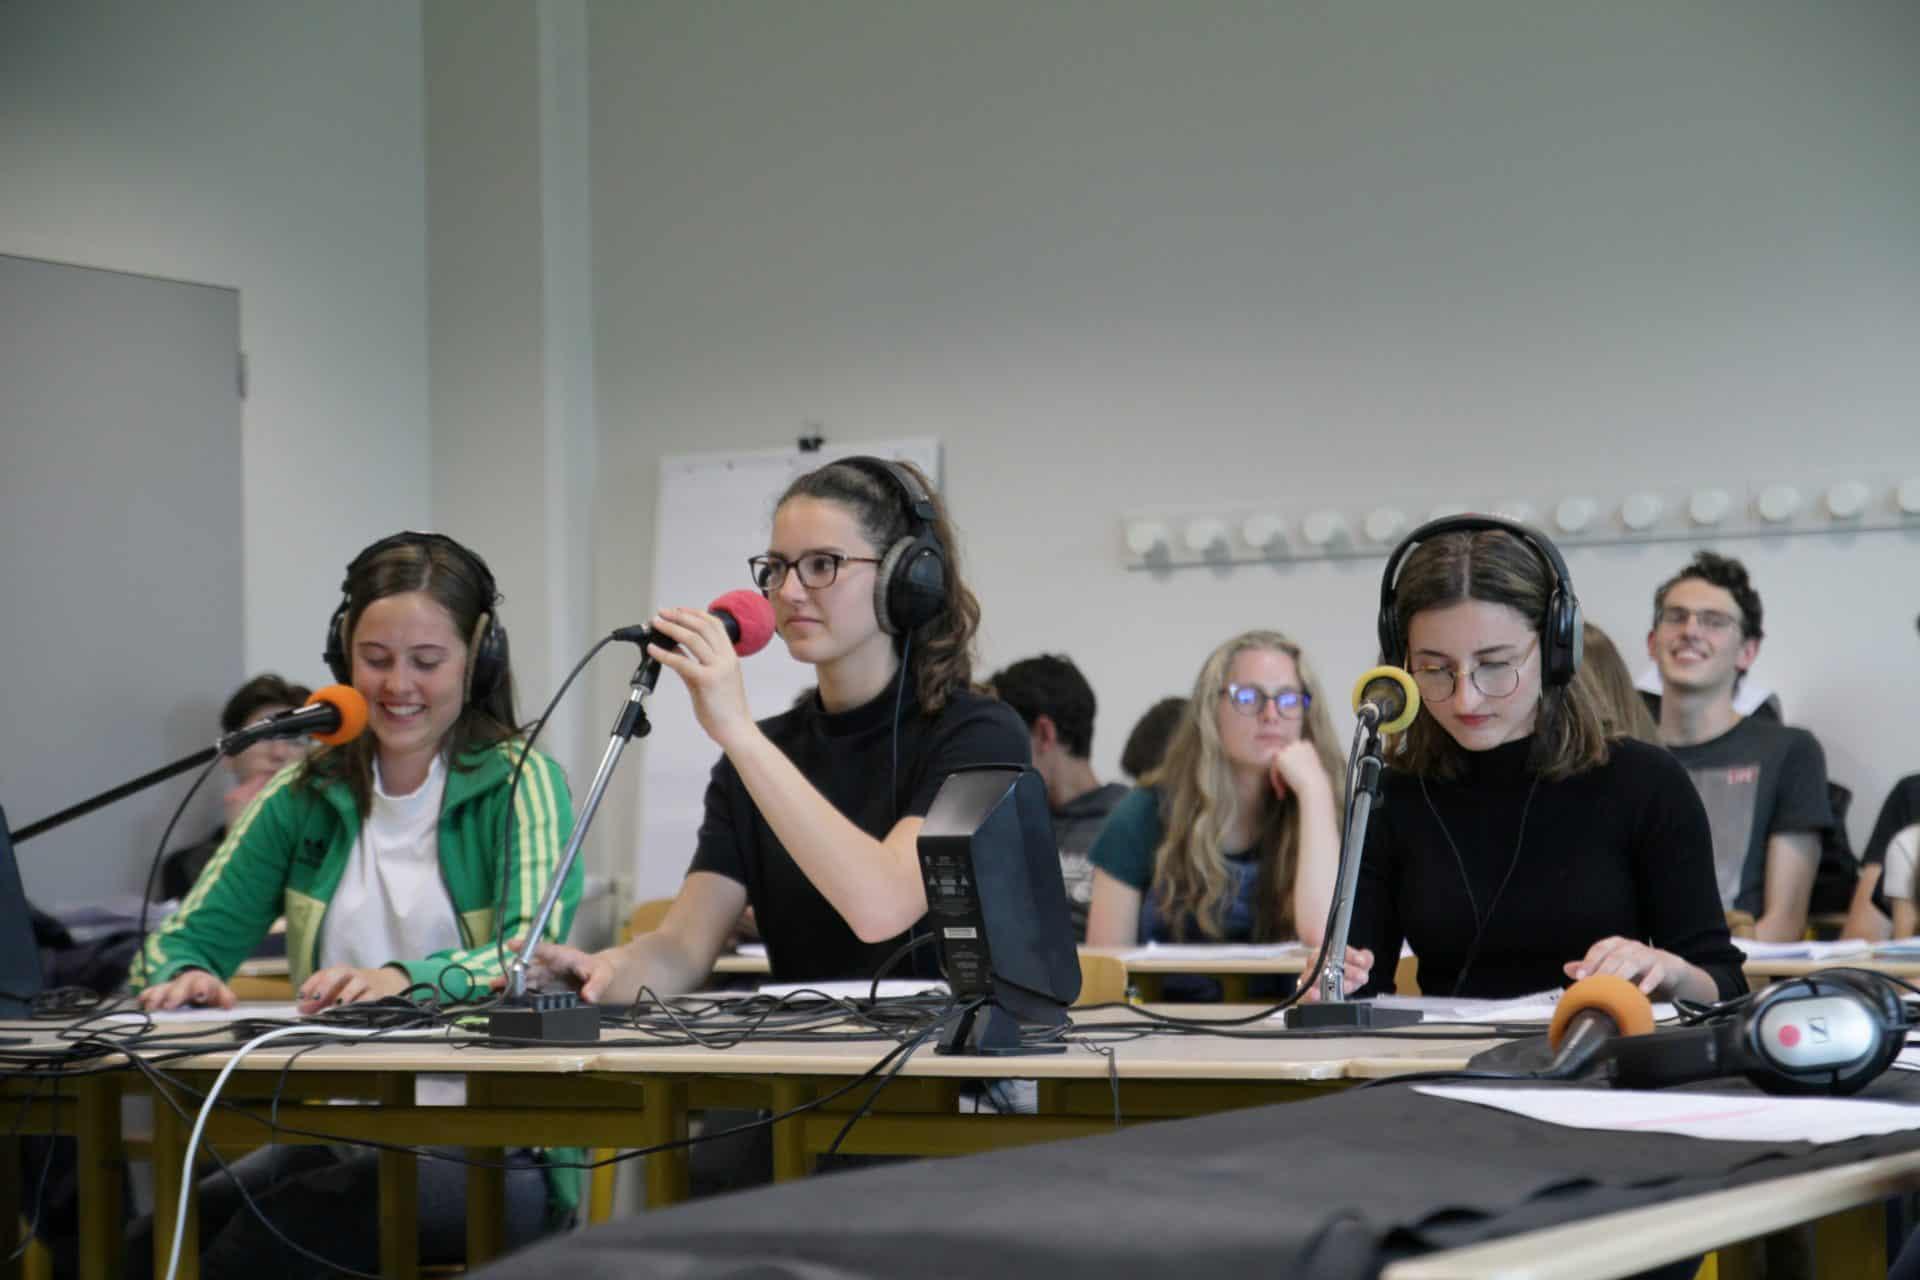 Photo - Des collégiens enregistrent une émission de radio dans leur classe